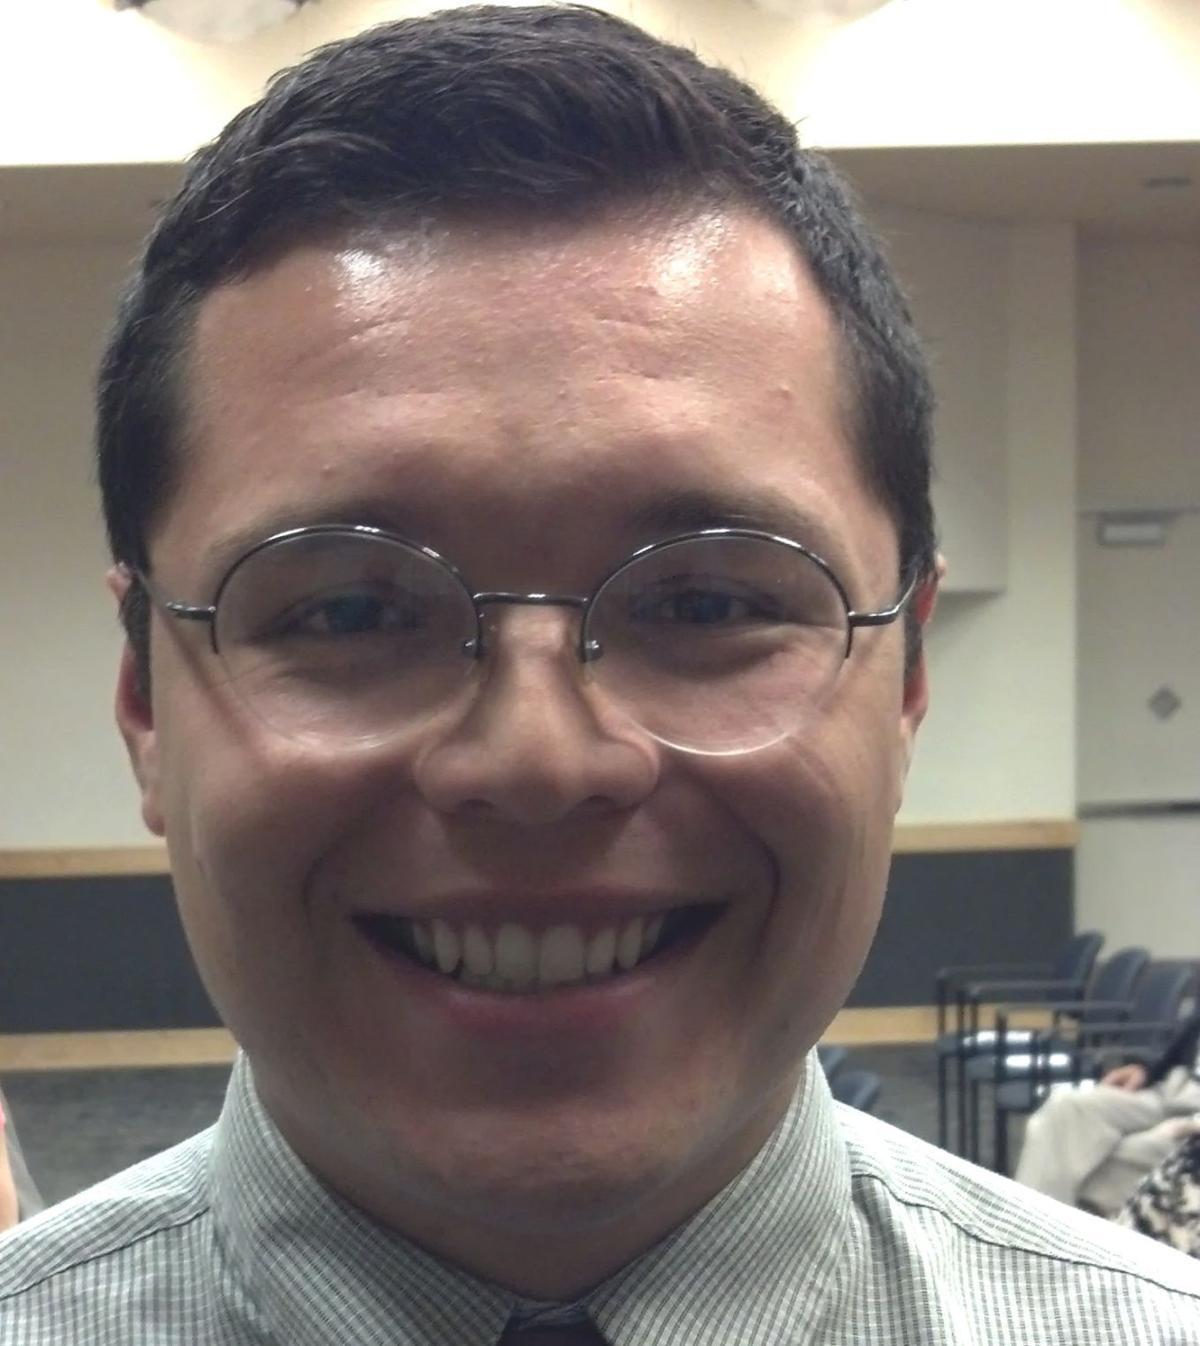 Emmanuel Carreno Garcia